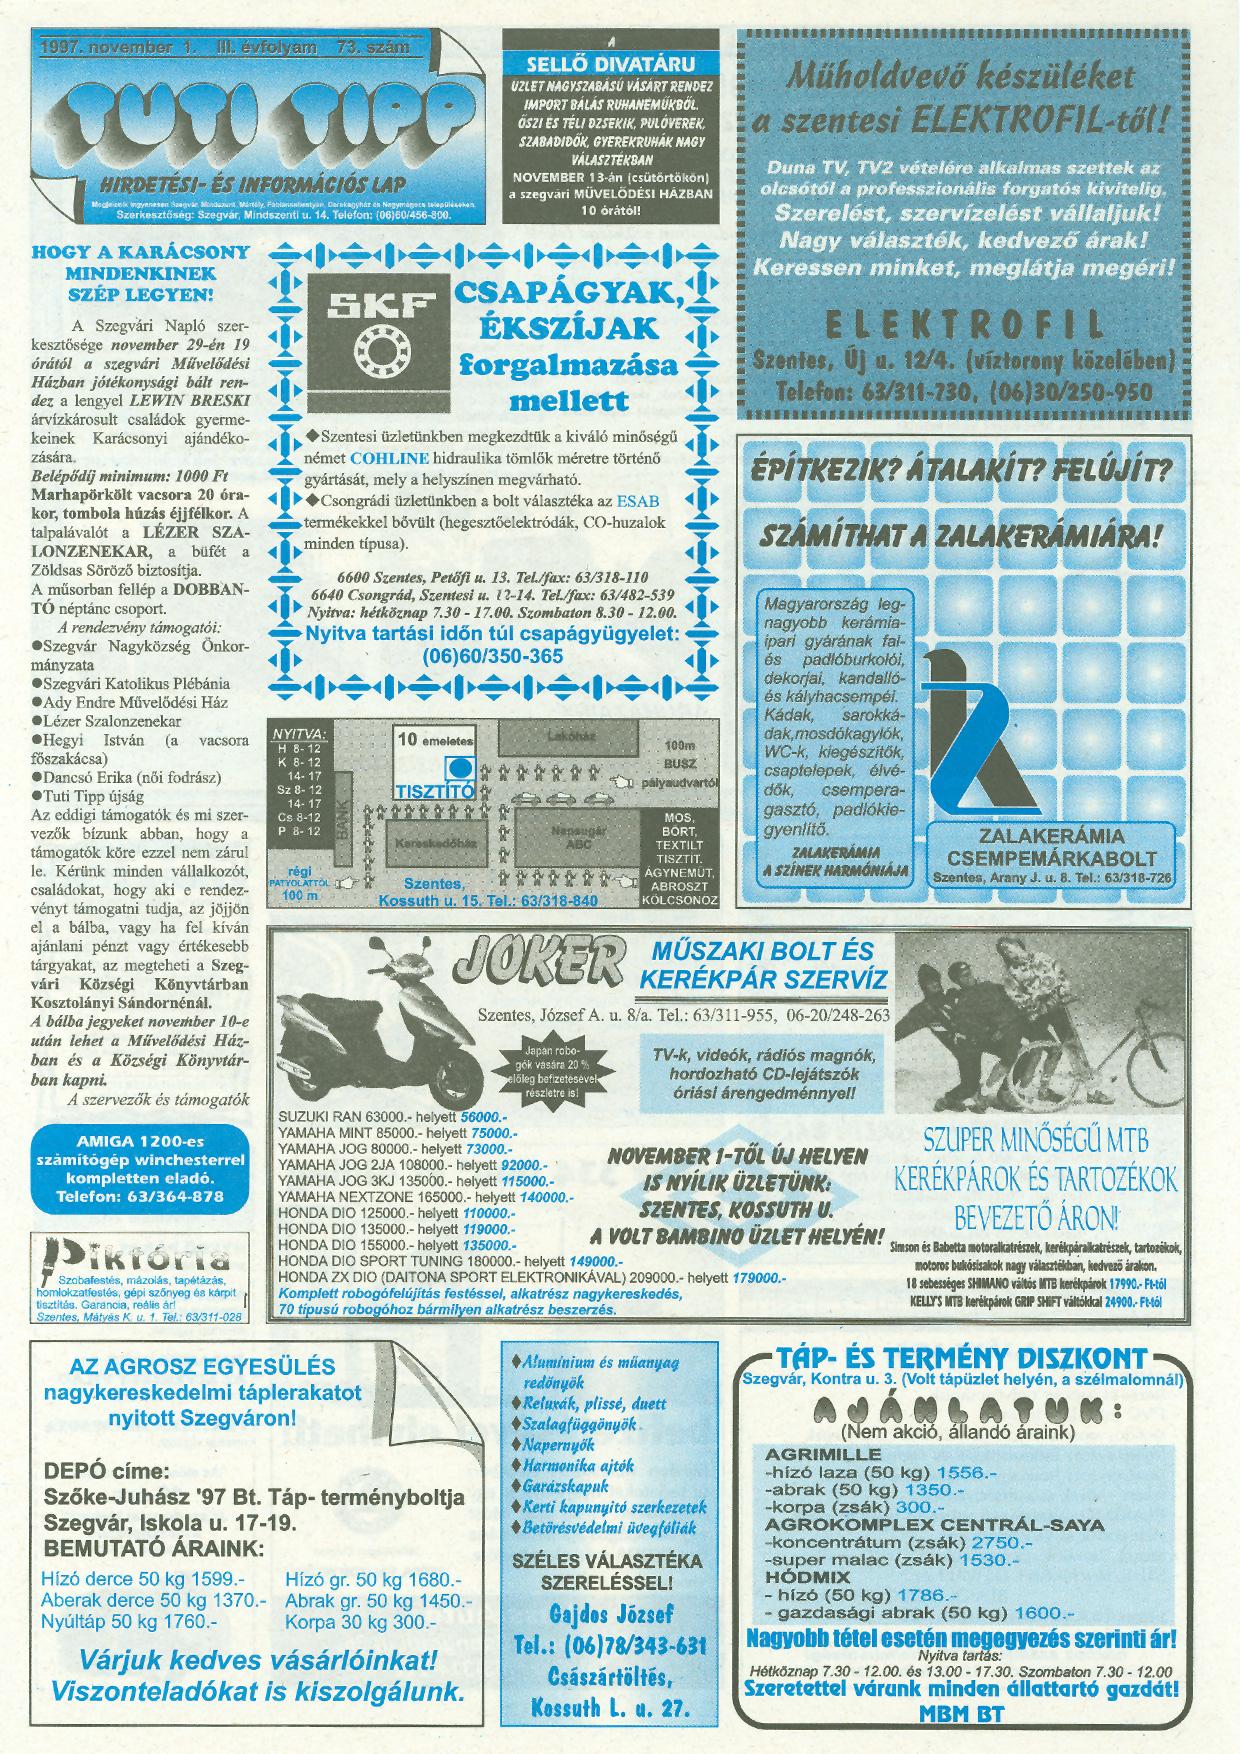 041 Tuti Tipp reklámújság - 19971101-073. lapszám - 1.oldal - III. évfolyam.jpg